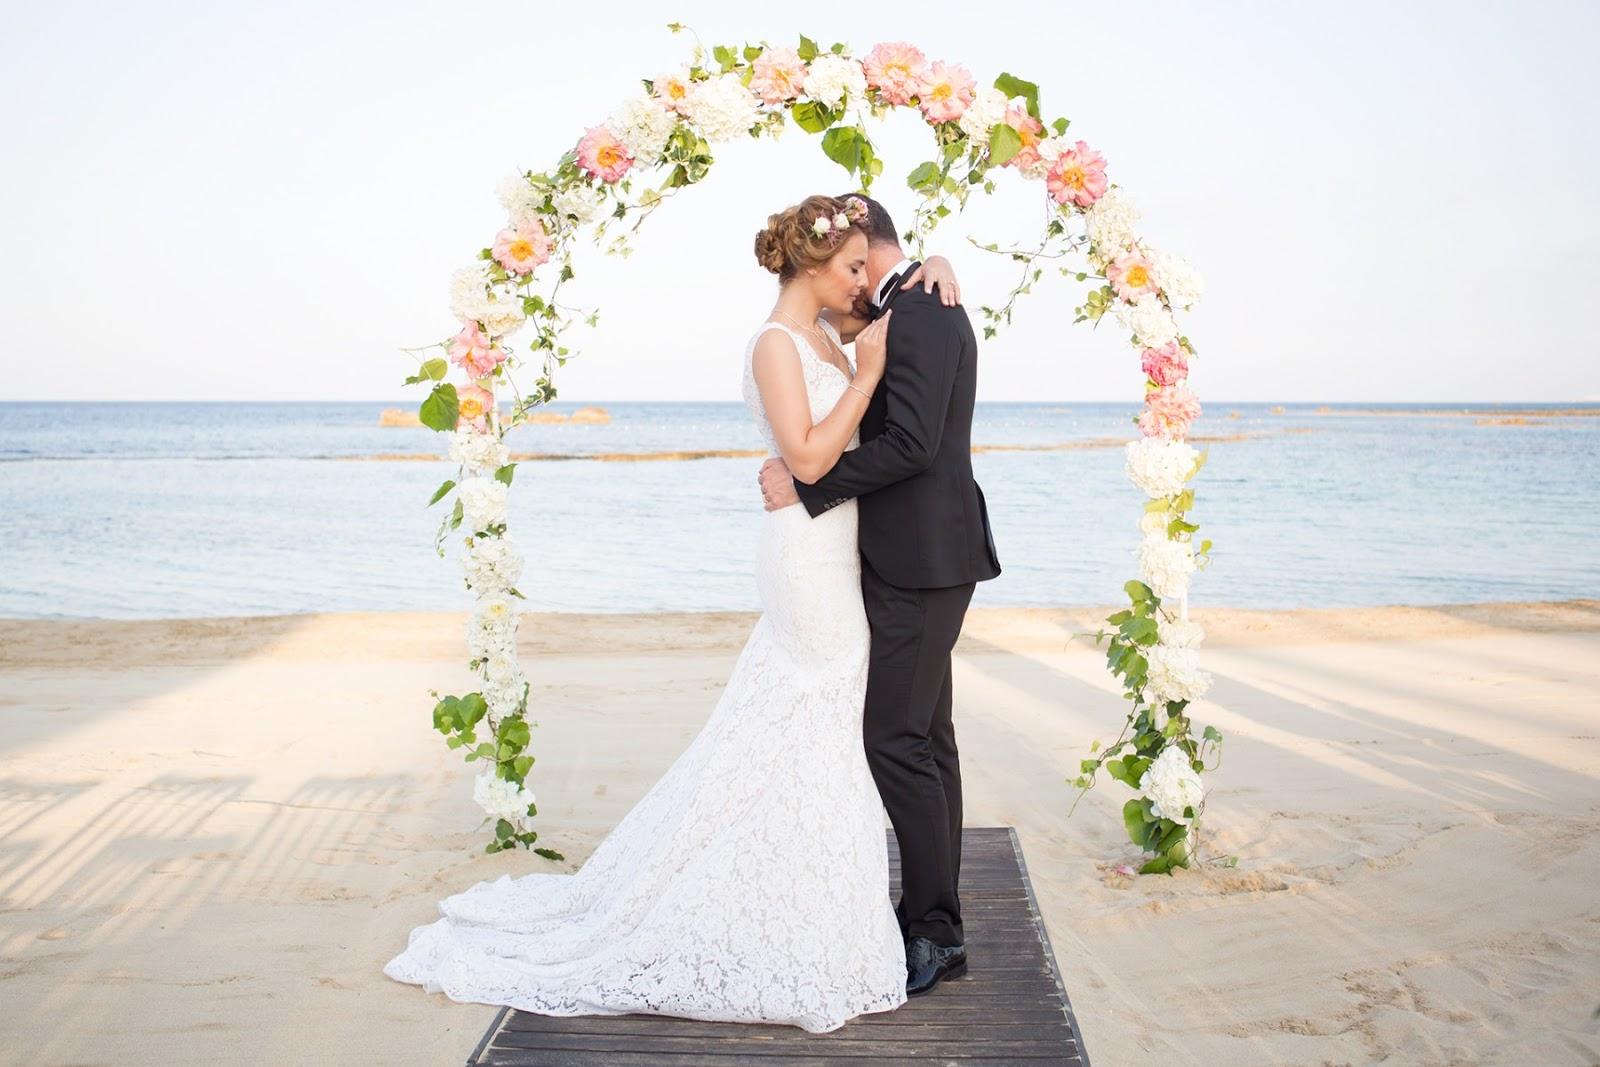 Rüyada Arkadaşını Gelinlikle Evlenirken Görmek Ne Anlama Gelir